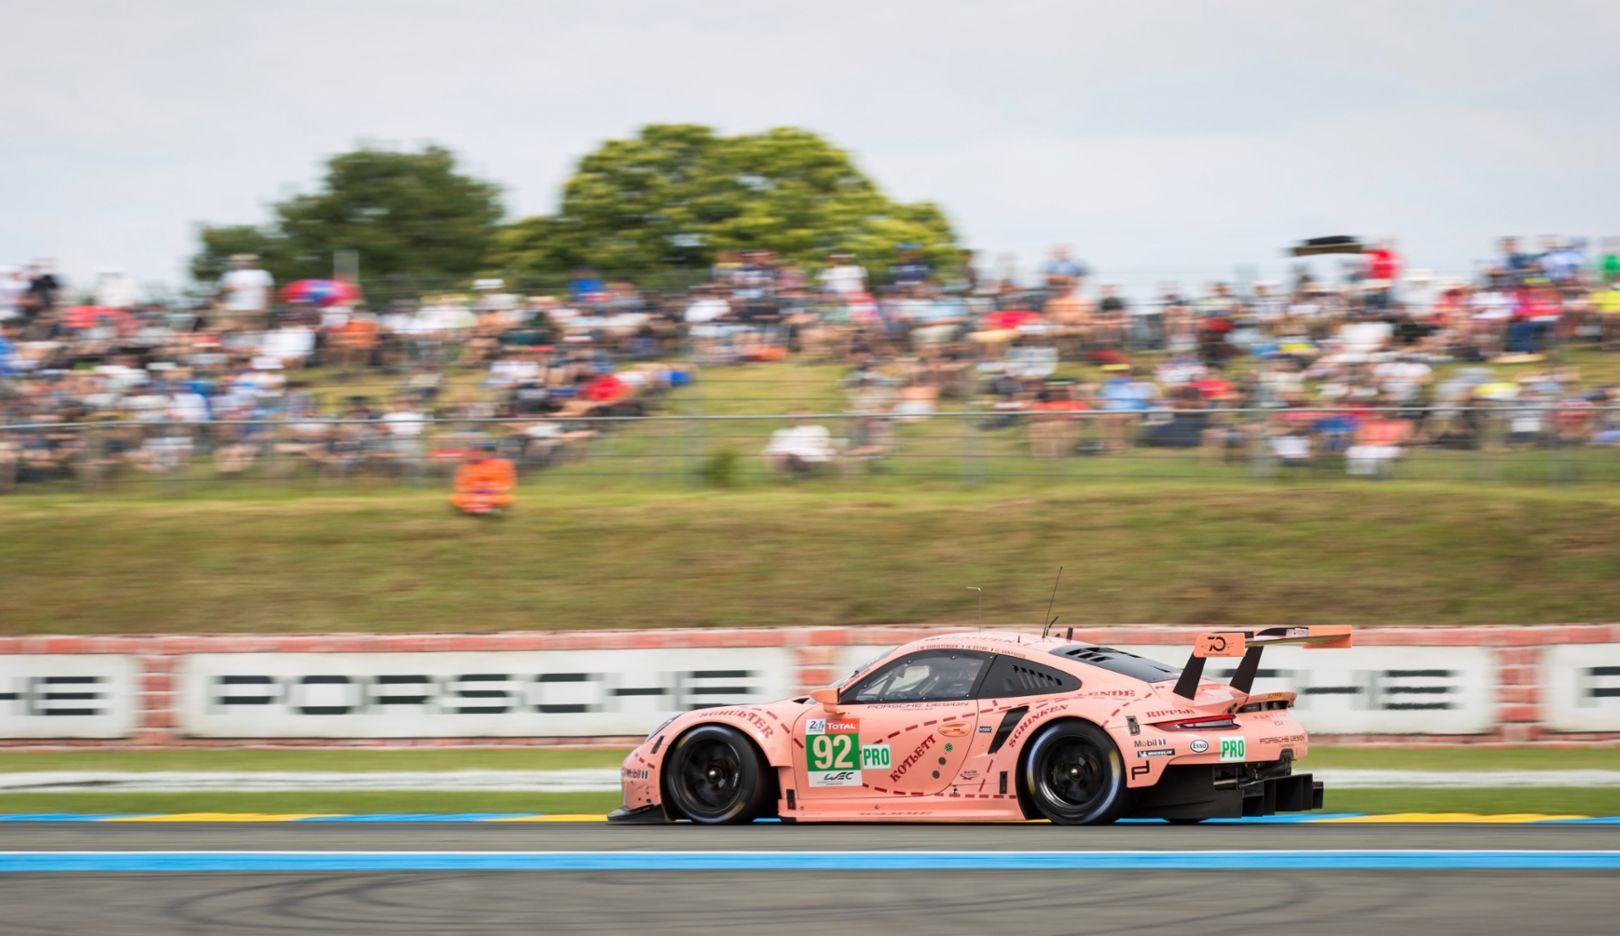 911 RSR (92), Race, Le Mans, 2018, Porsche AG